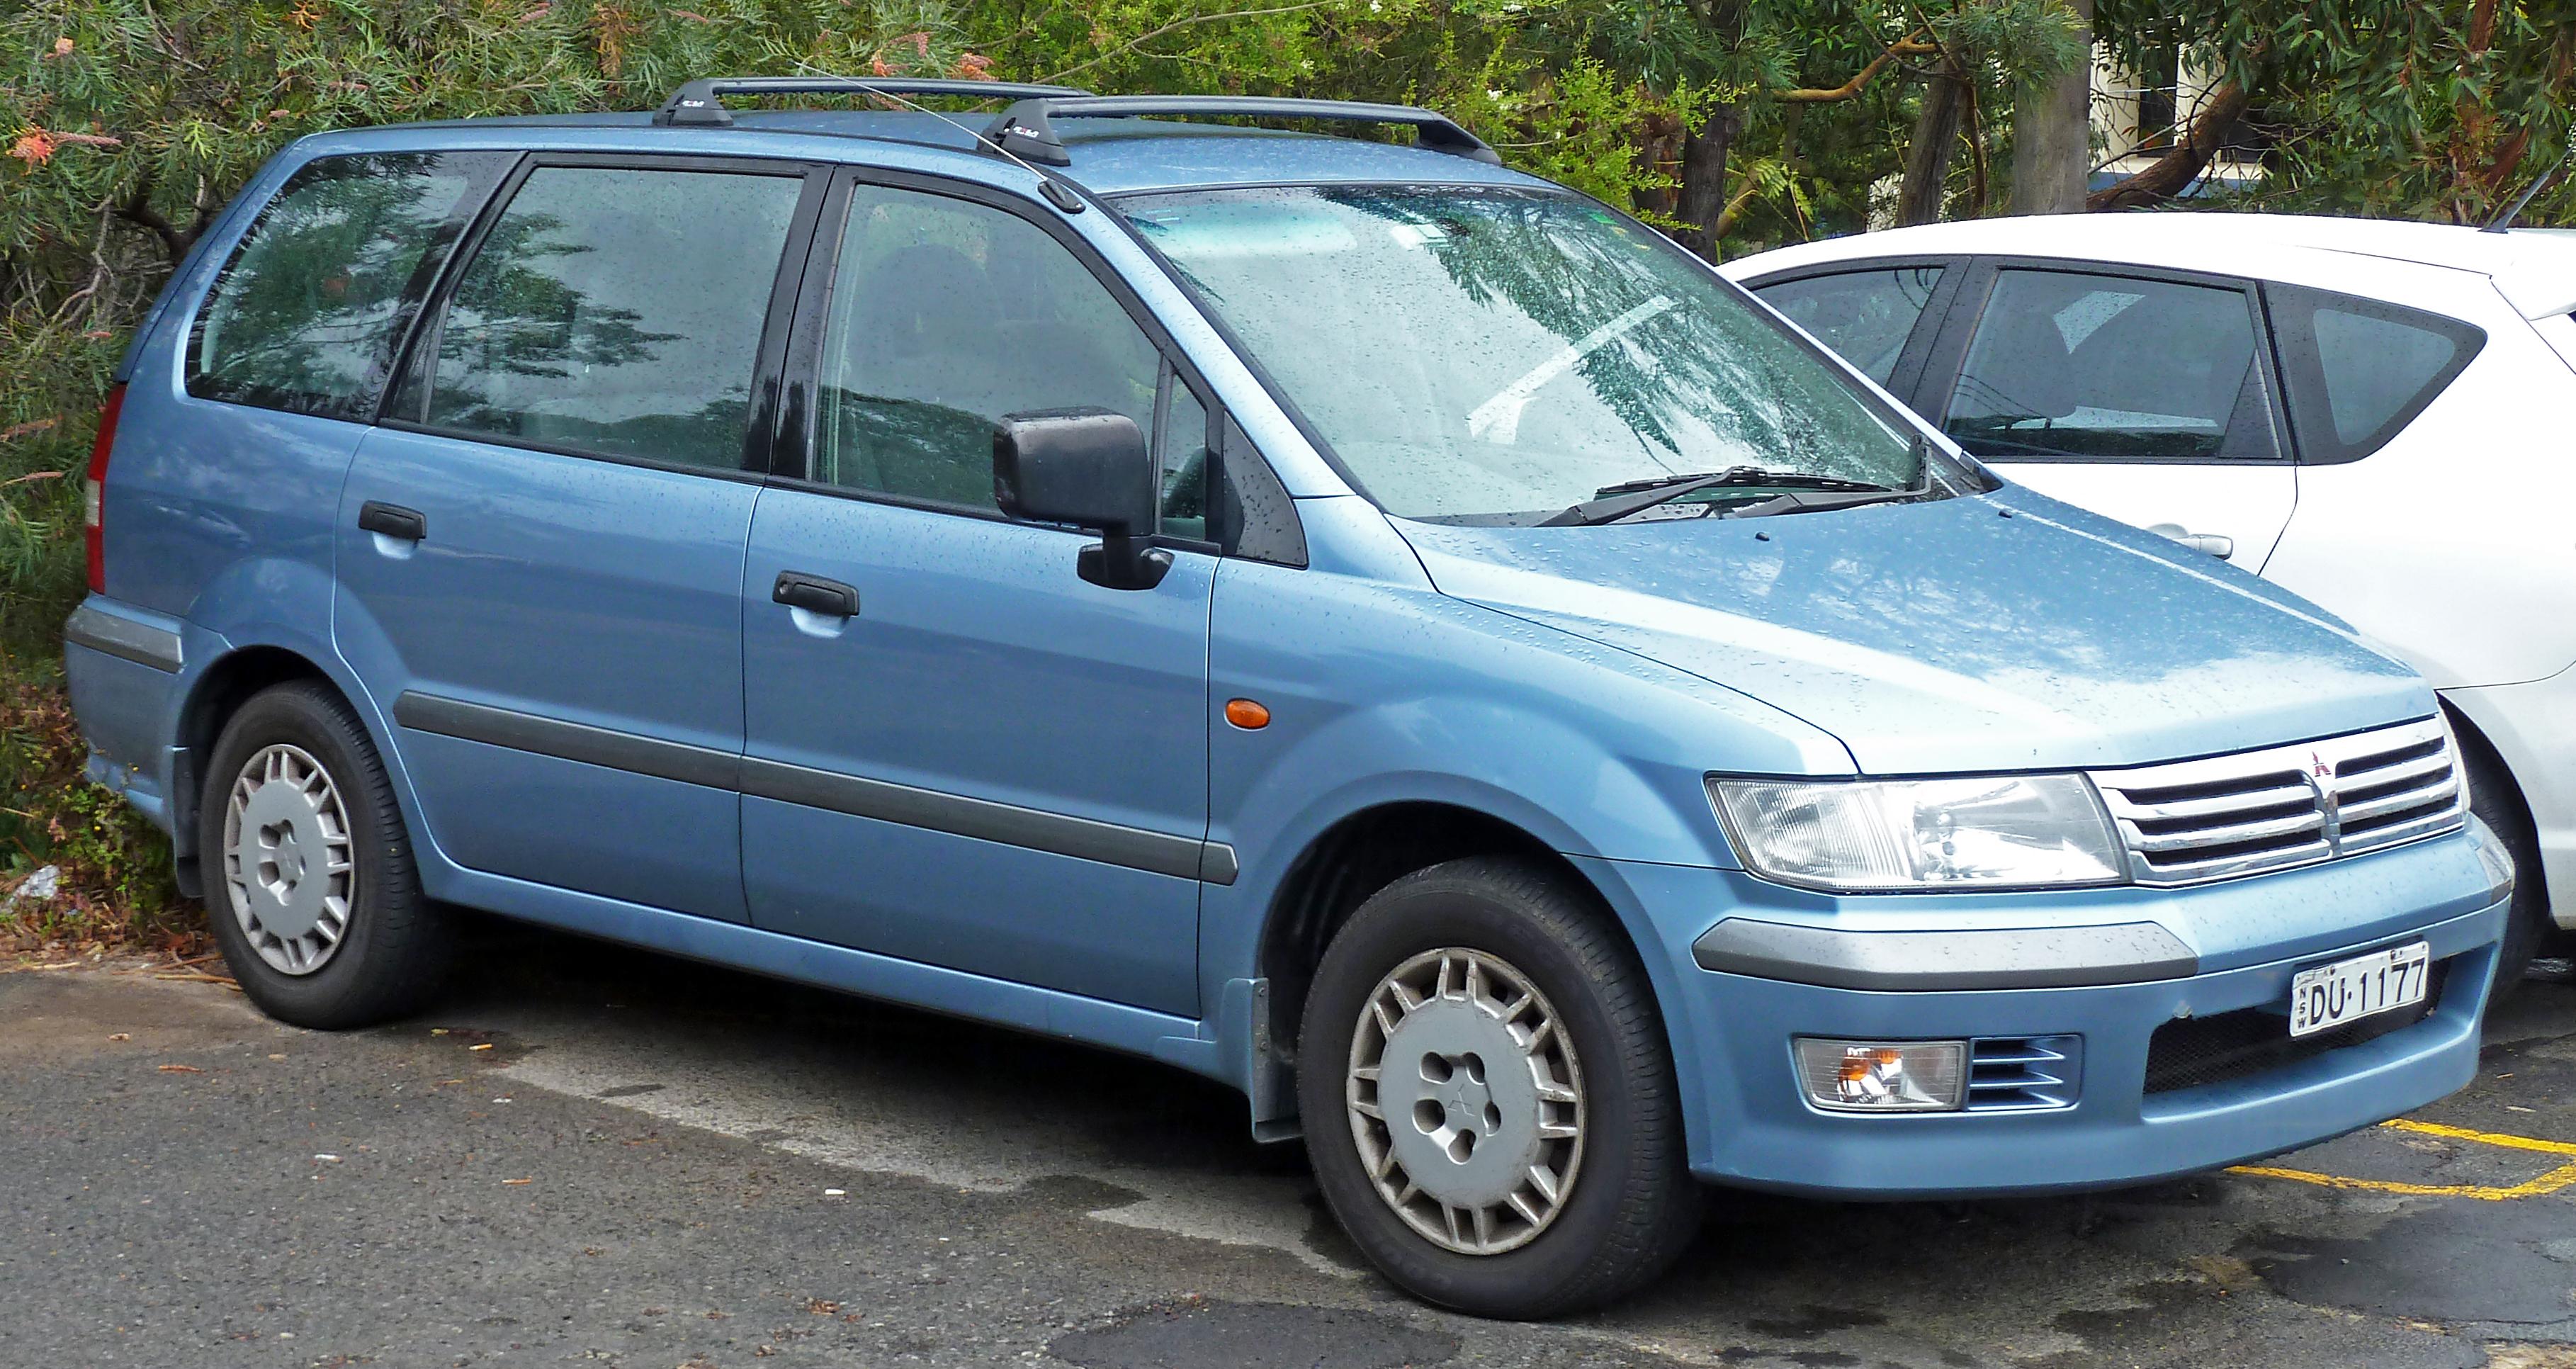 File:1998-2001 Mitsubishi Nimbus (UG) GLX van (2010-07